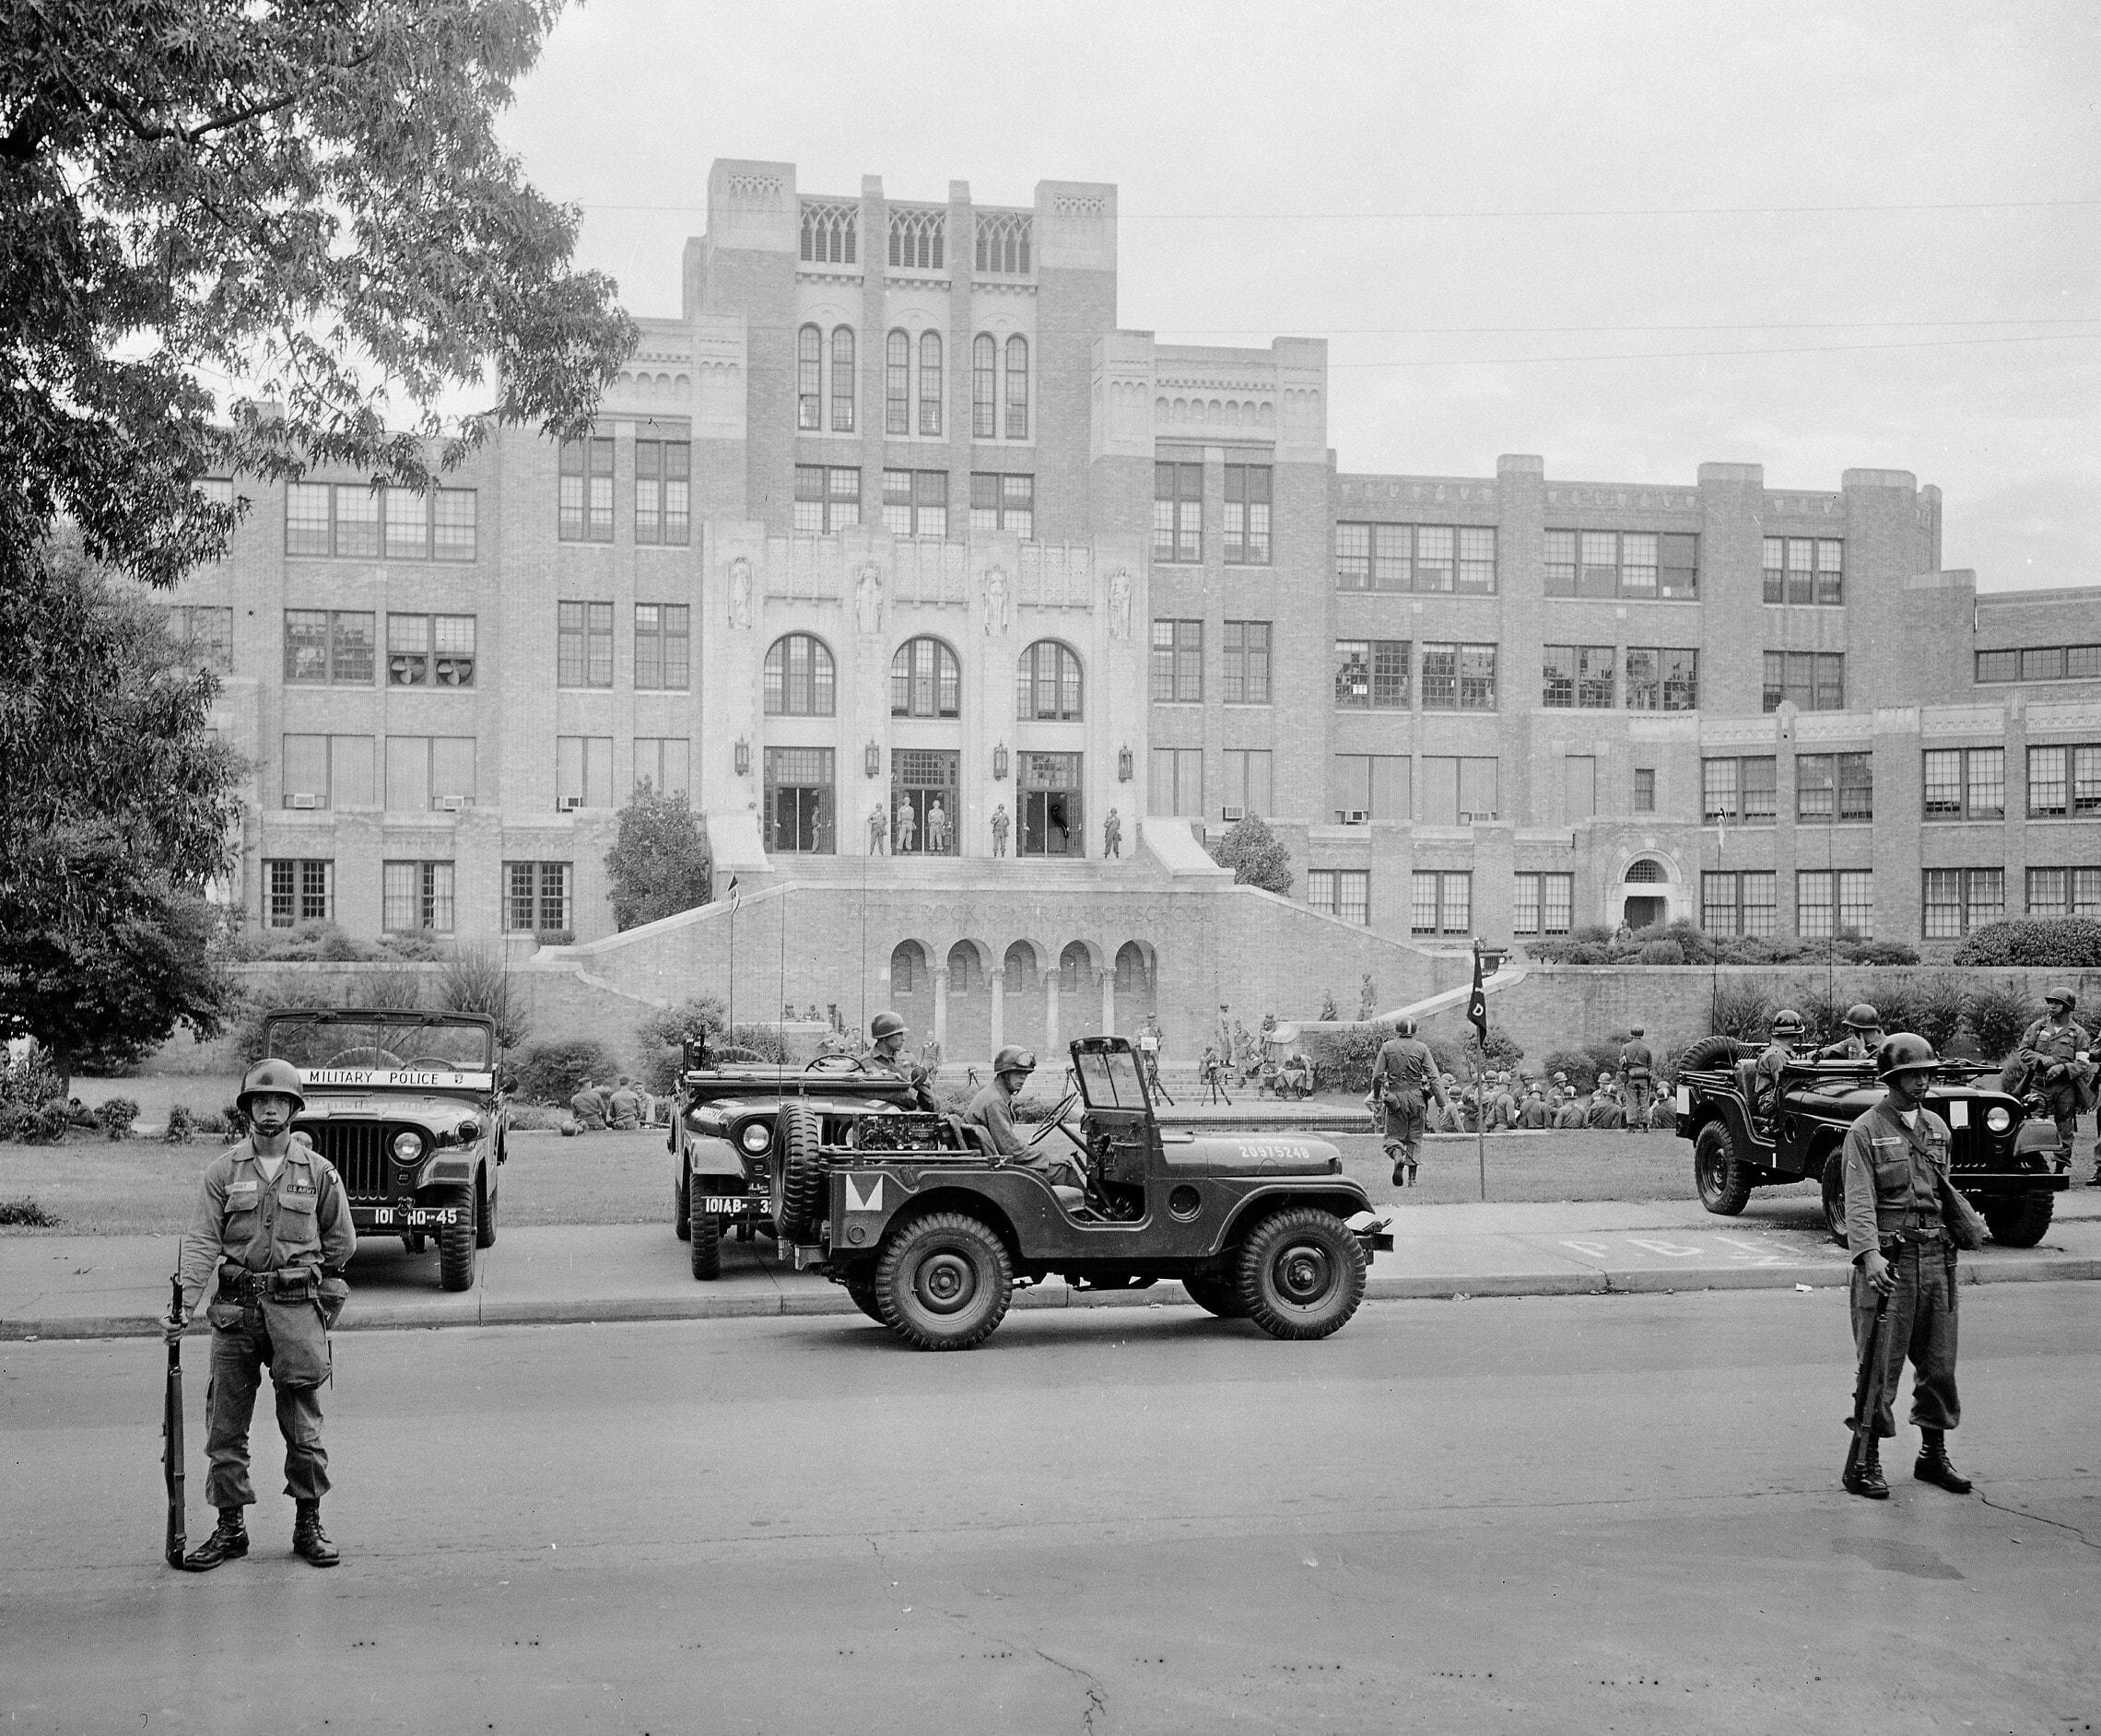 """כוחות צבא ארה""""ב מאבטחים בית ספר תיכון בליטל רוק, ארקנסו, אליו הגיעו תשעה תלמידים שחורים, ב-26 בספטמבר 1957 (צילום: AP Photo)"""